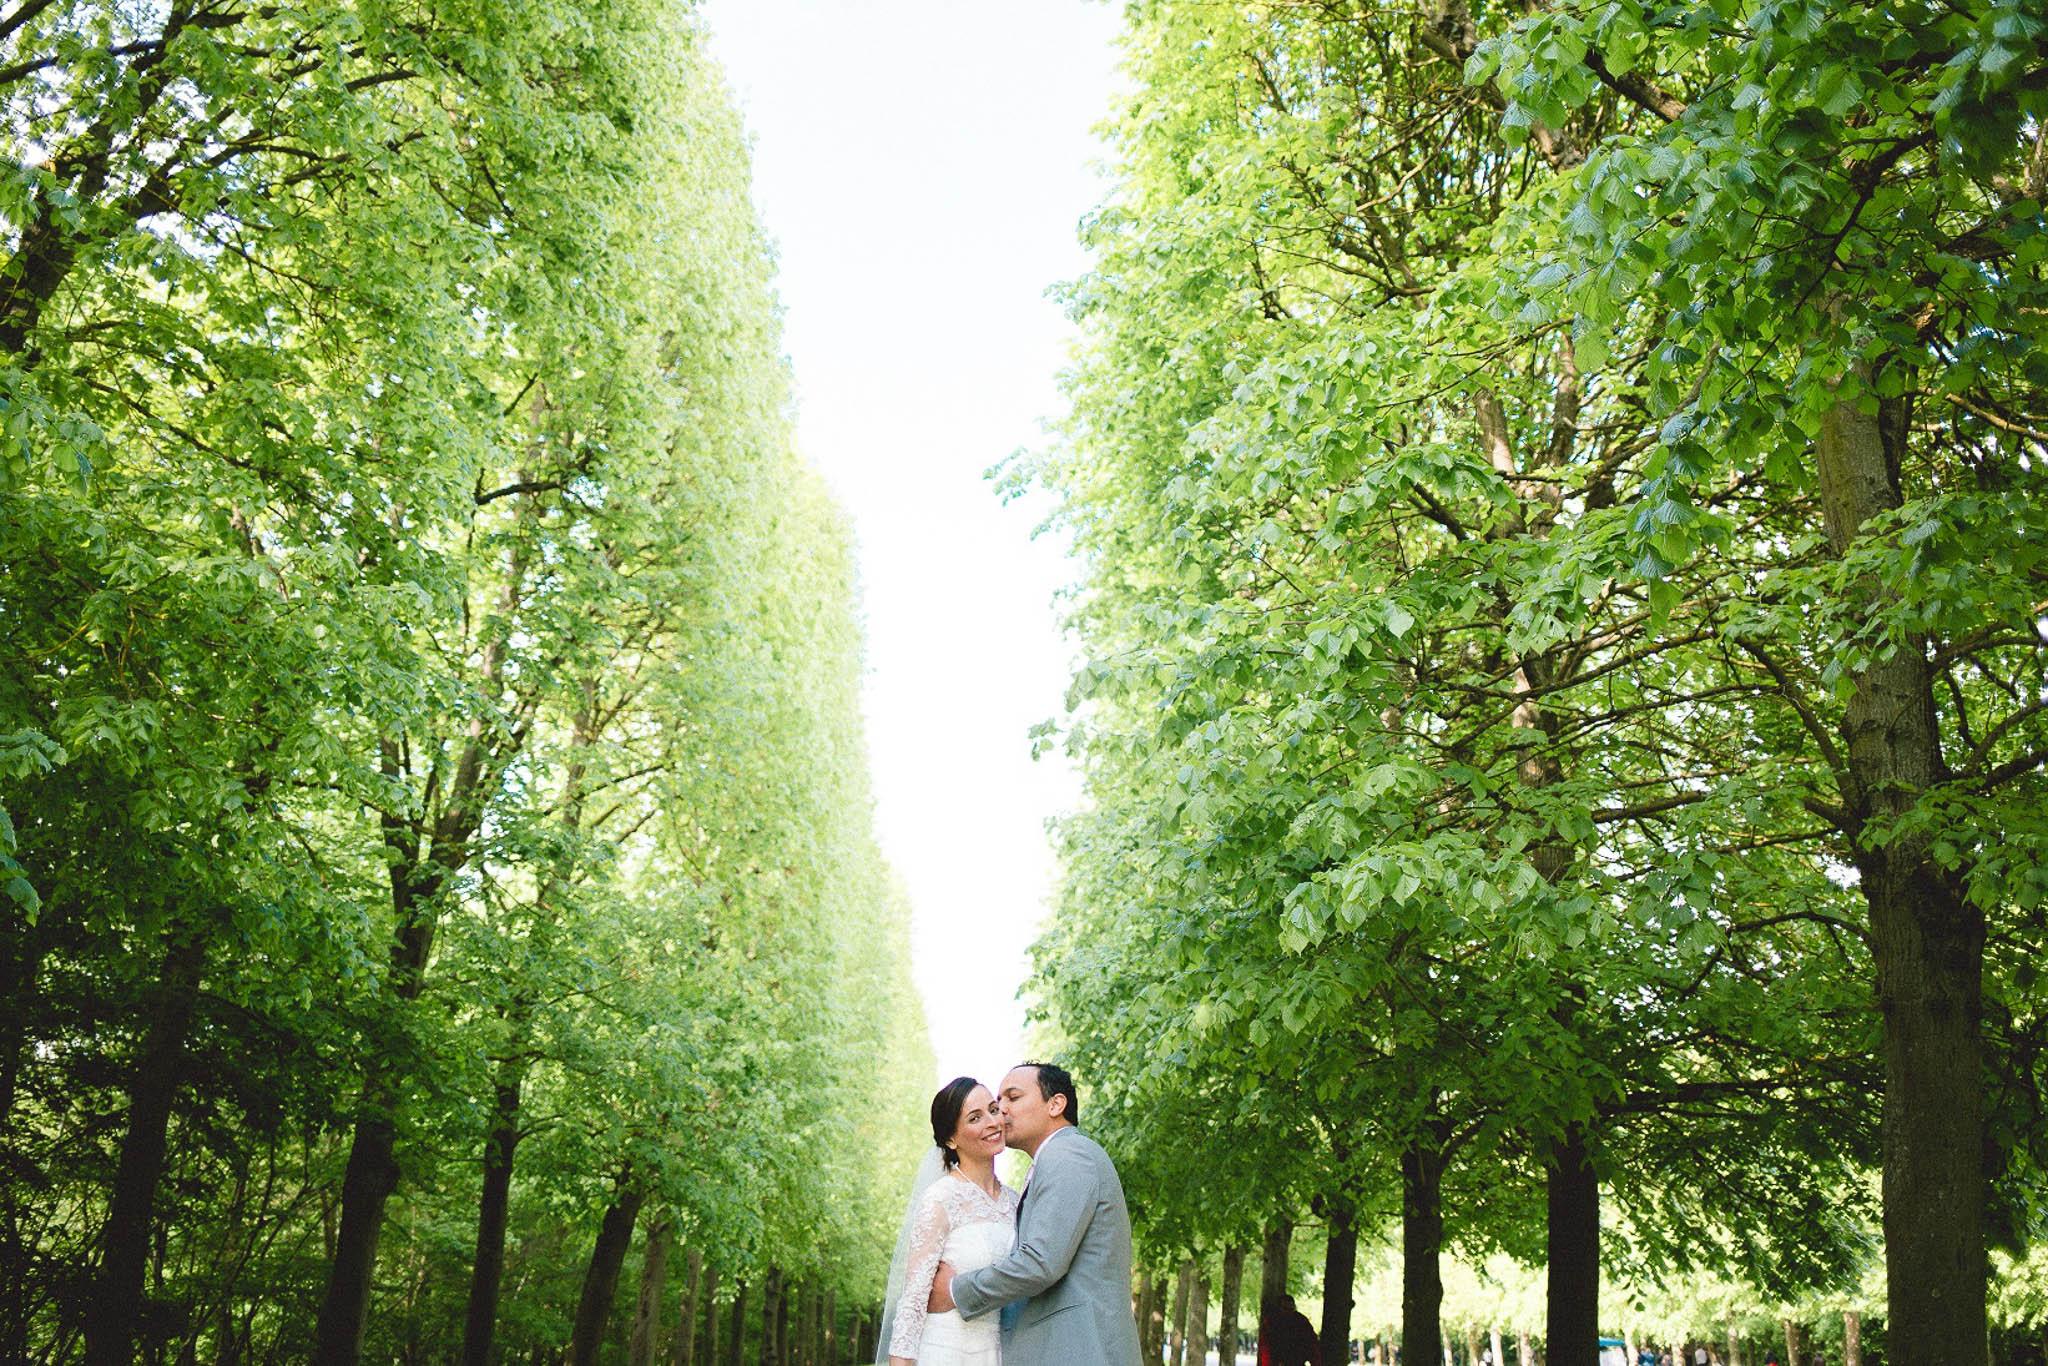 Art_Avec_Amour_Photographe_Mariage_Famille_Paris_France-00113.jpg